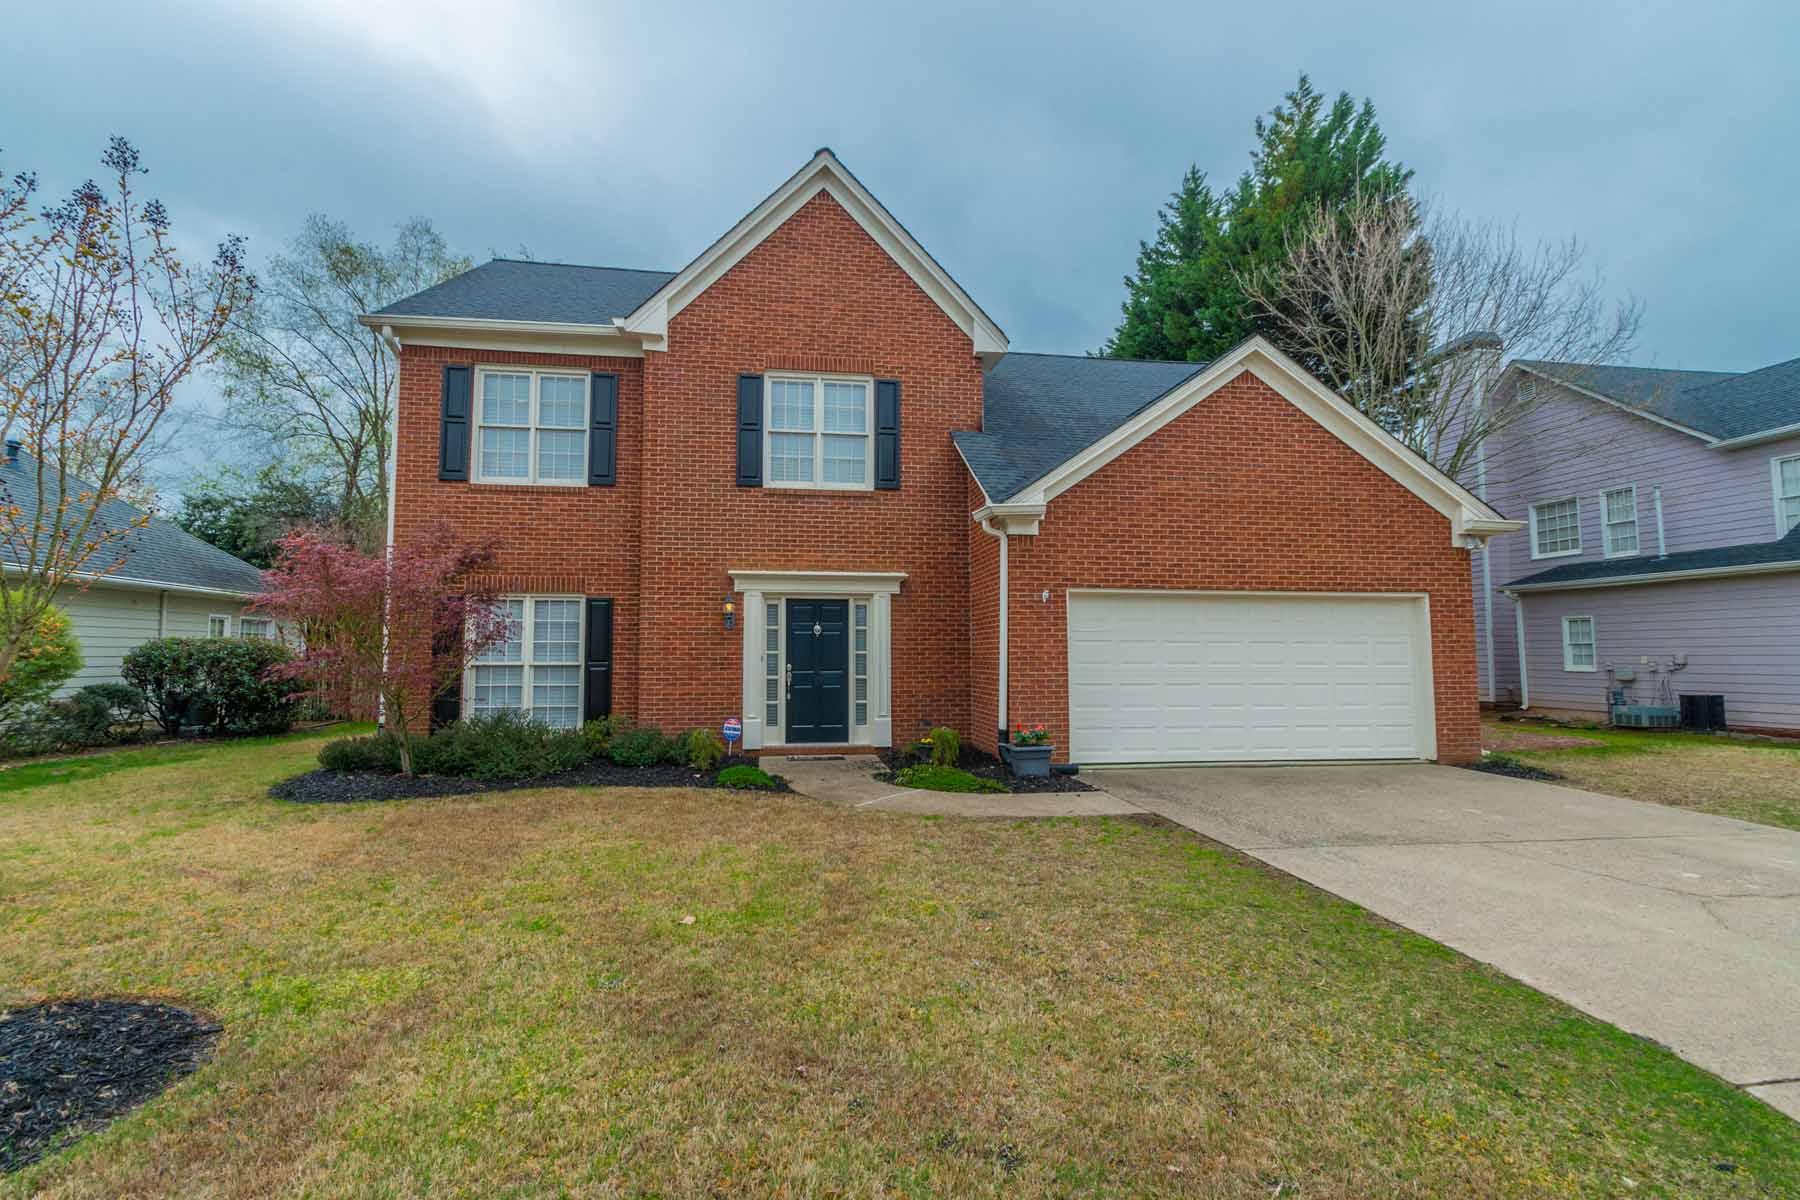 獨棟家庭住宅 為 出售 在 Alpharetta Traditional 4795 Ogeechee Drive Alpharetta, 喬治亞州, 30022 美國